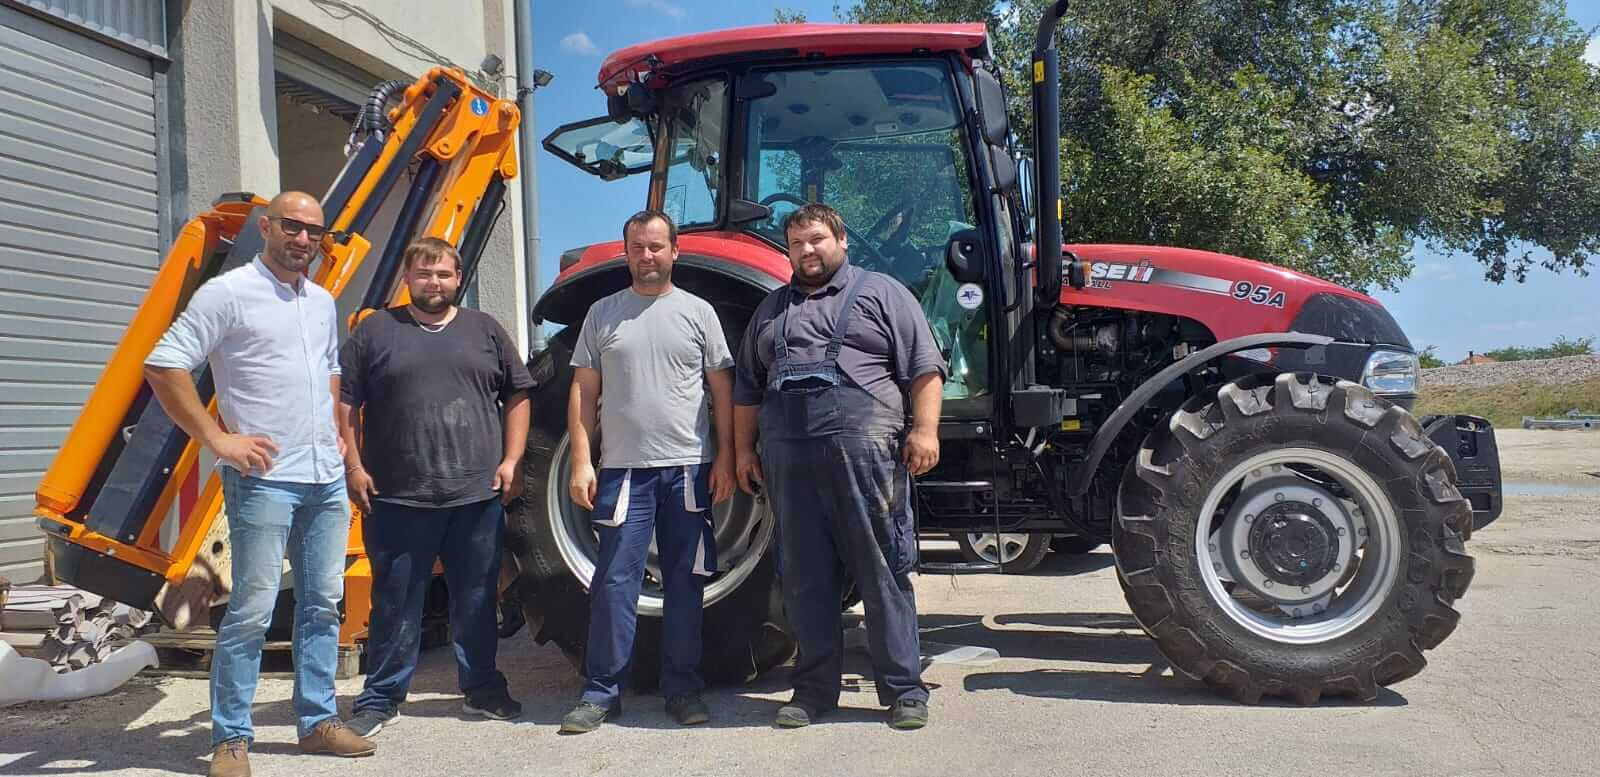 Čestitamo Komunalcu Benković na novom traktoru Case i profesionalnom malčeru Orsi. Želimo puno uspješnih radnih sati. Sa traktorom Case i malčerom Orsi imate dobitnu kombinaciju u održavanju zelenih površina.